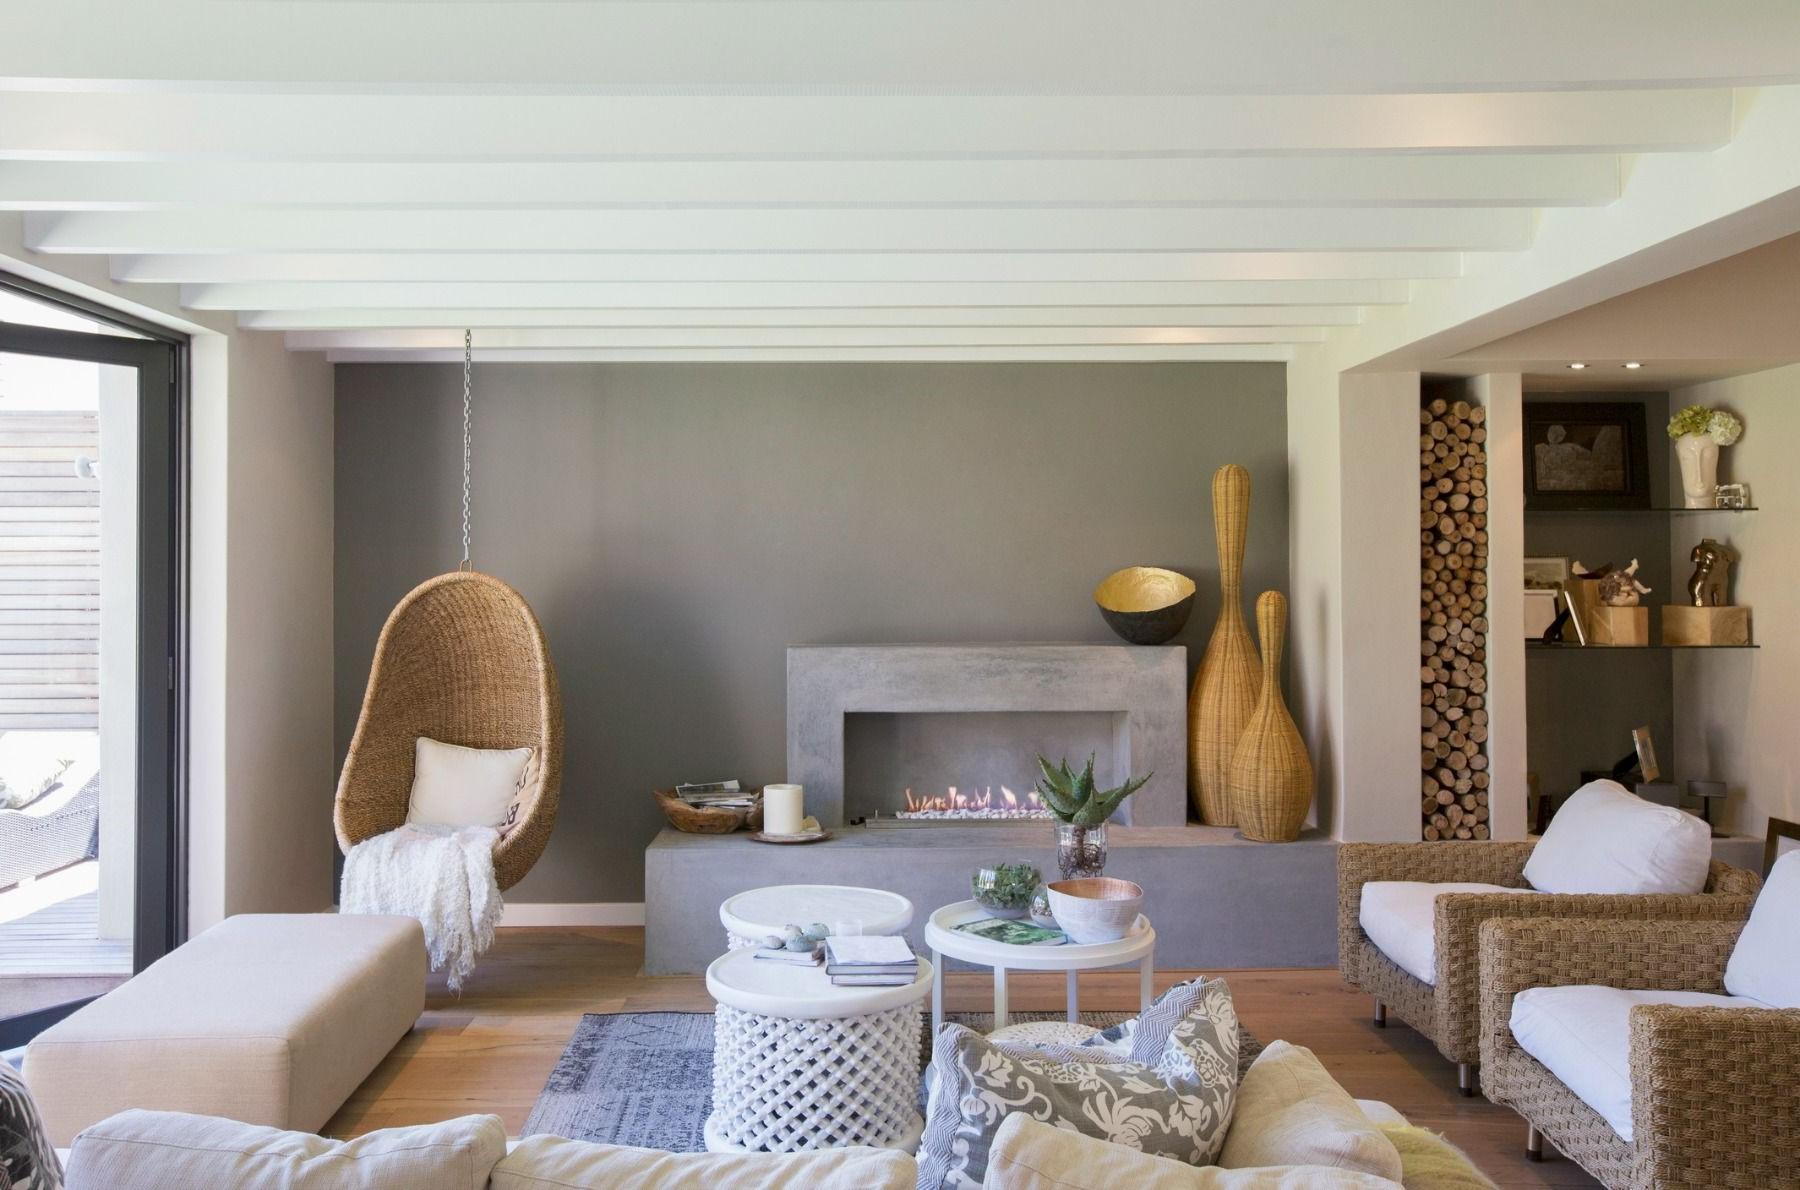 Un fauteuil suspendu est une autre bonne idée pour rendre votre salon cosy.